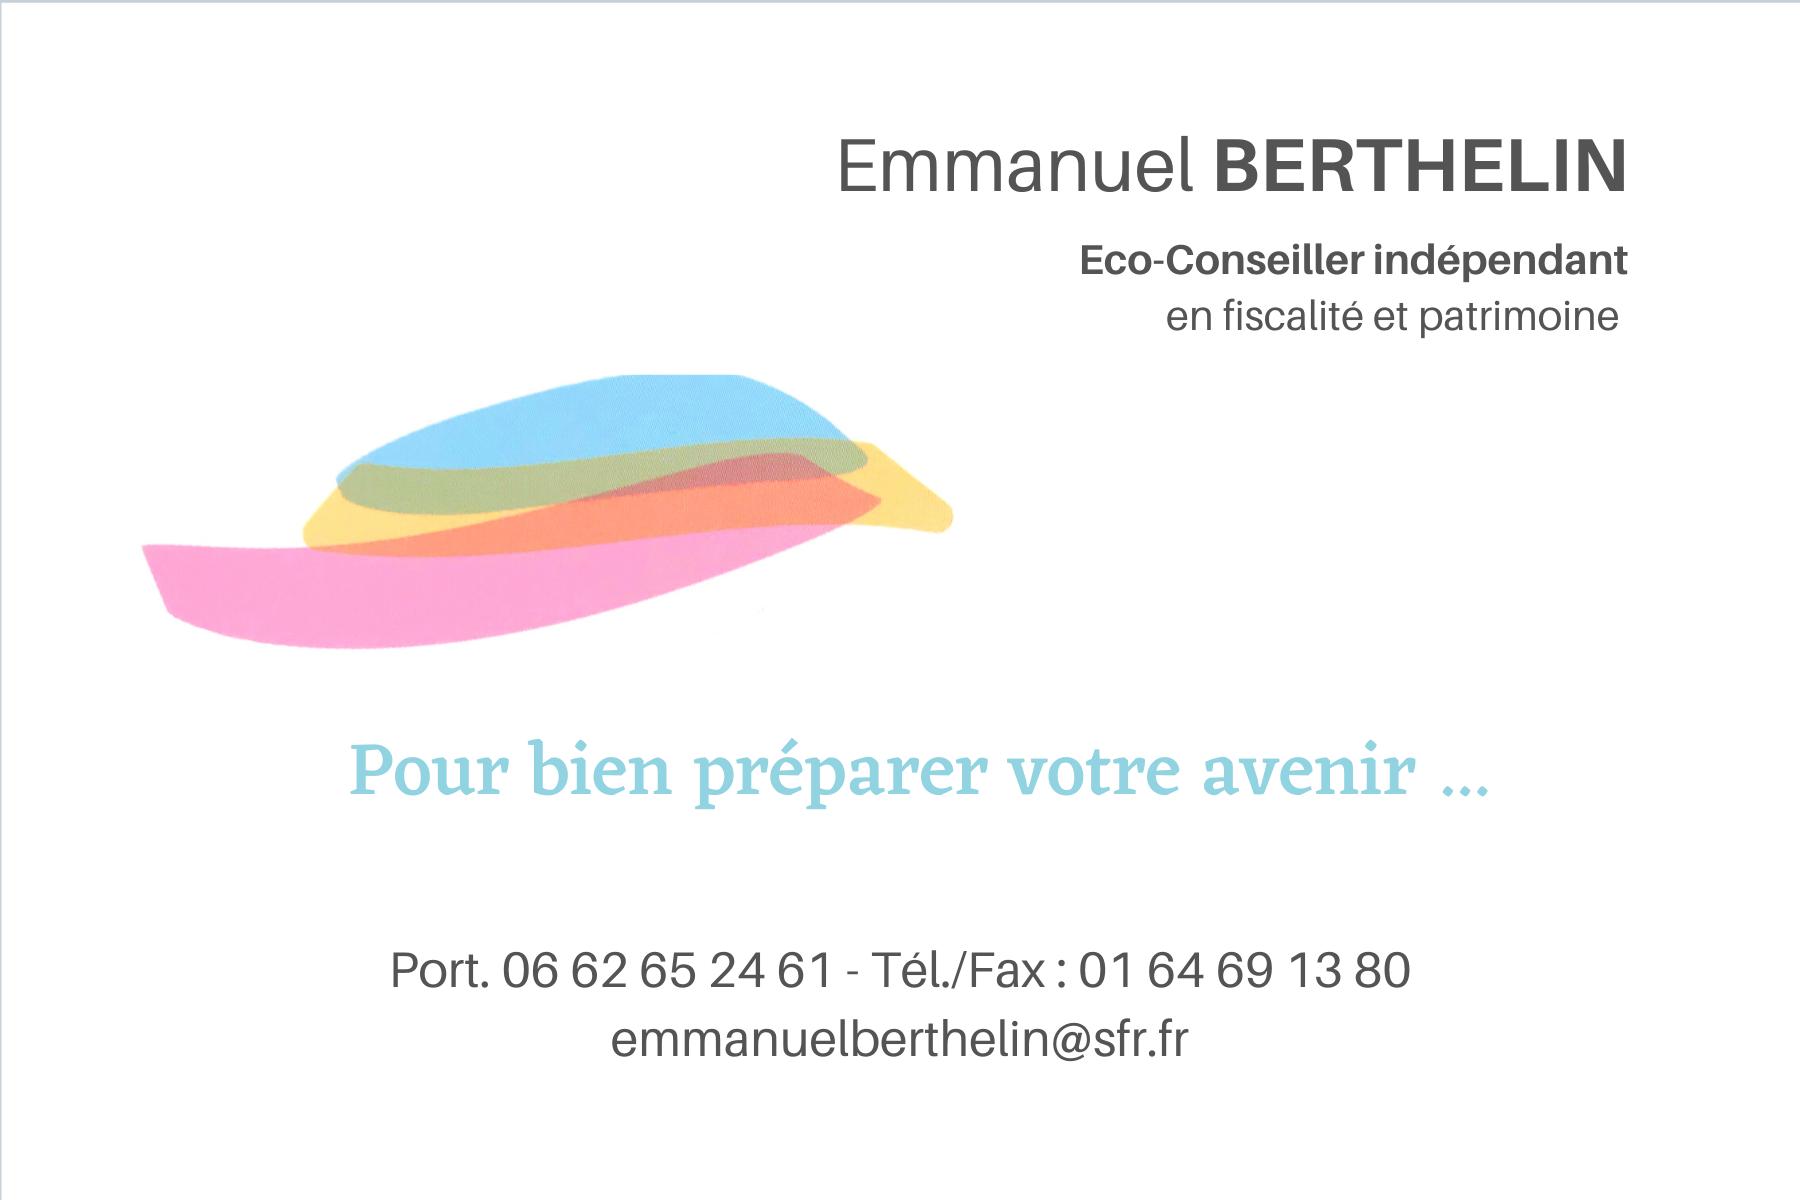 E Berthelin